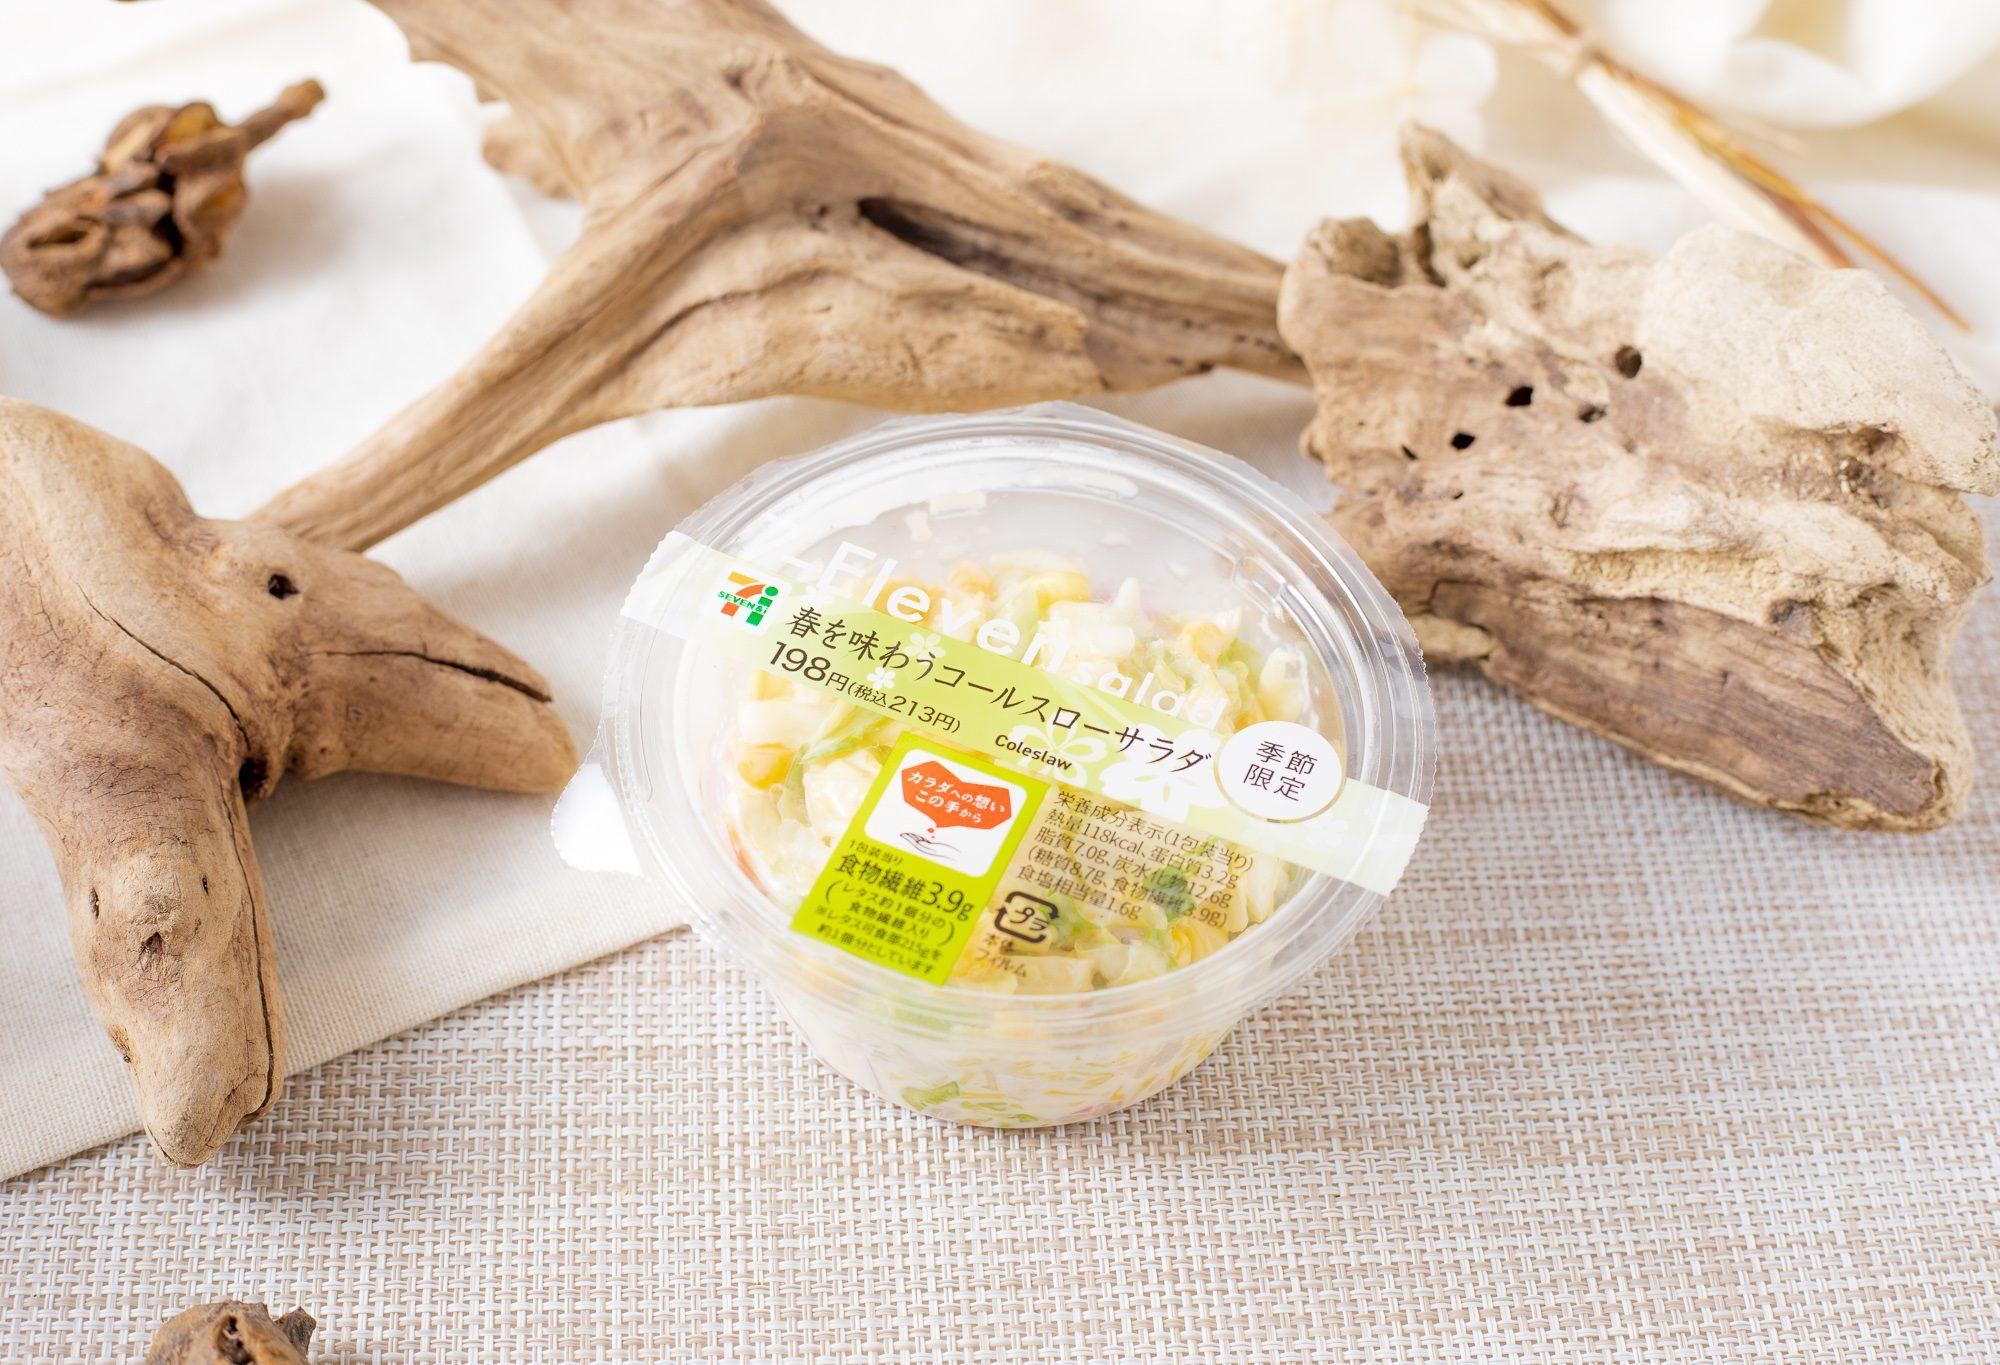 セブン-イレブン『春を味わうコールスローサラダ』はドレッシングのほのかな酸味が瑞々しい素材の甘みを引き立てボリュームも◎なカップ惣菜!